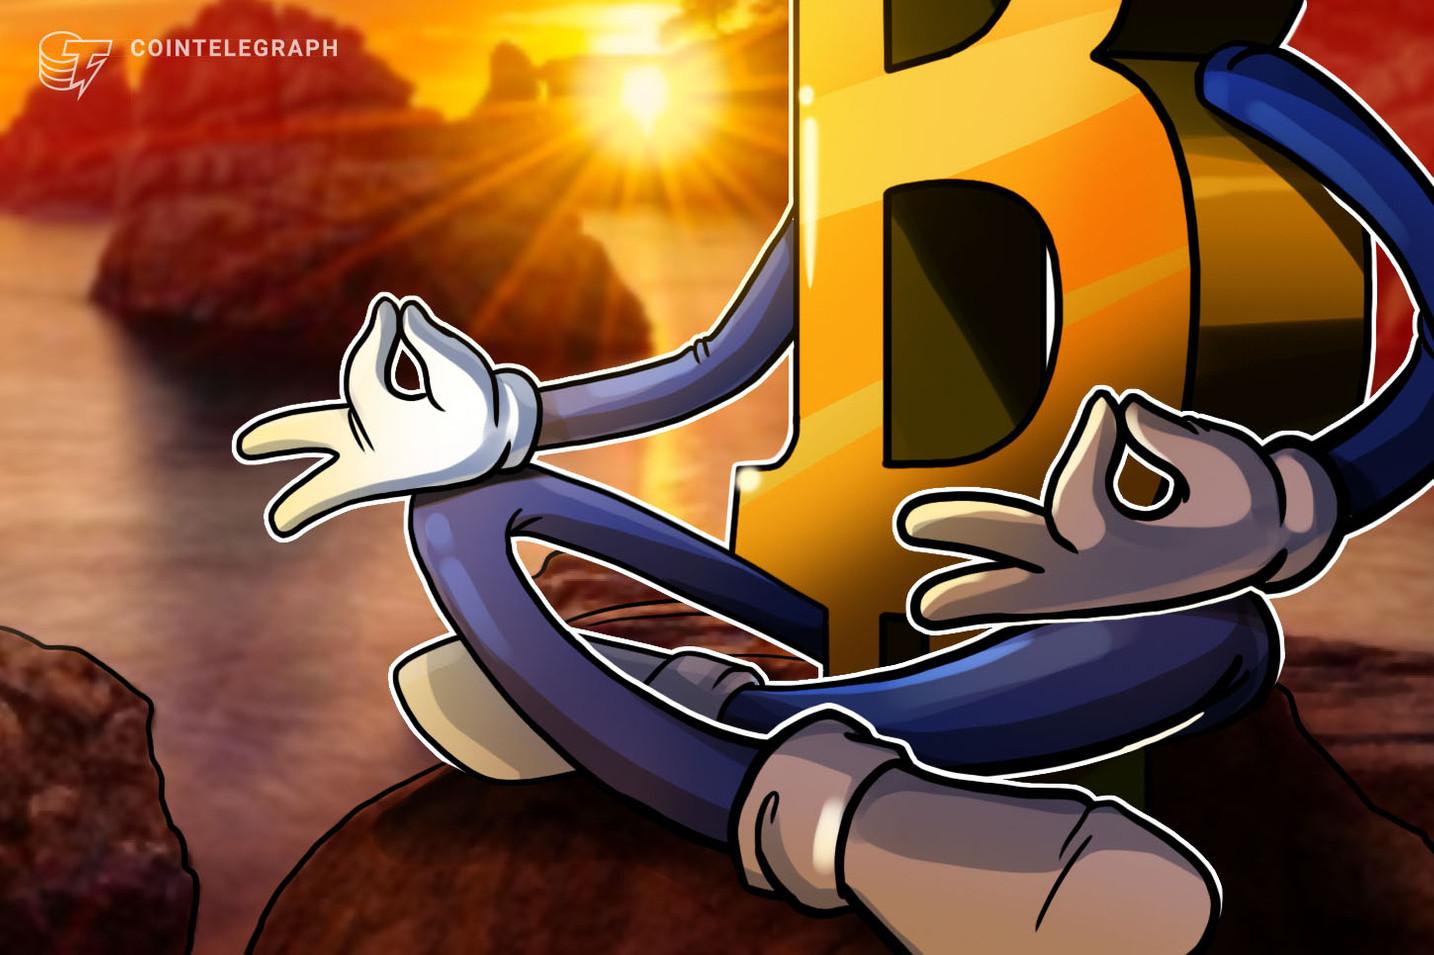 「ビットコインはもはやバブルではない」 仮想通貨企業のCEOが主張